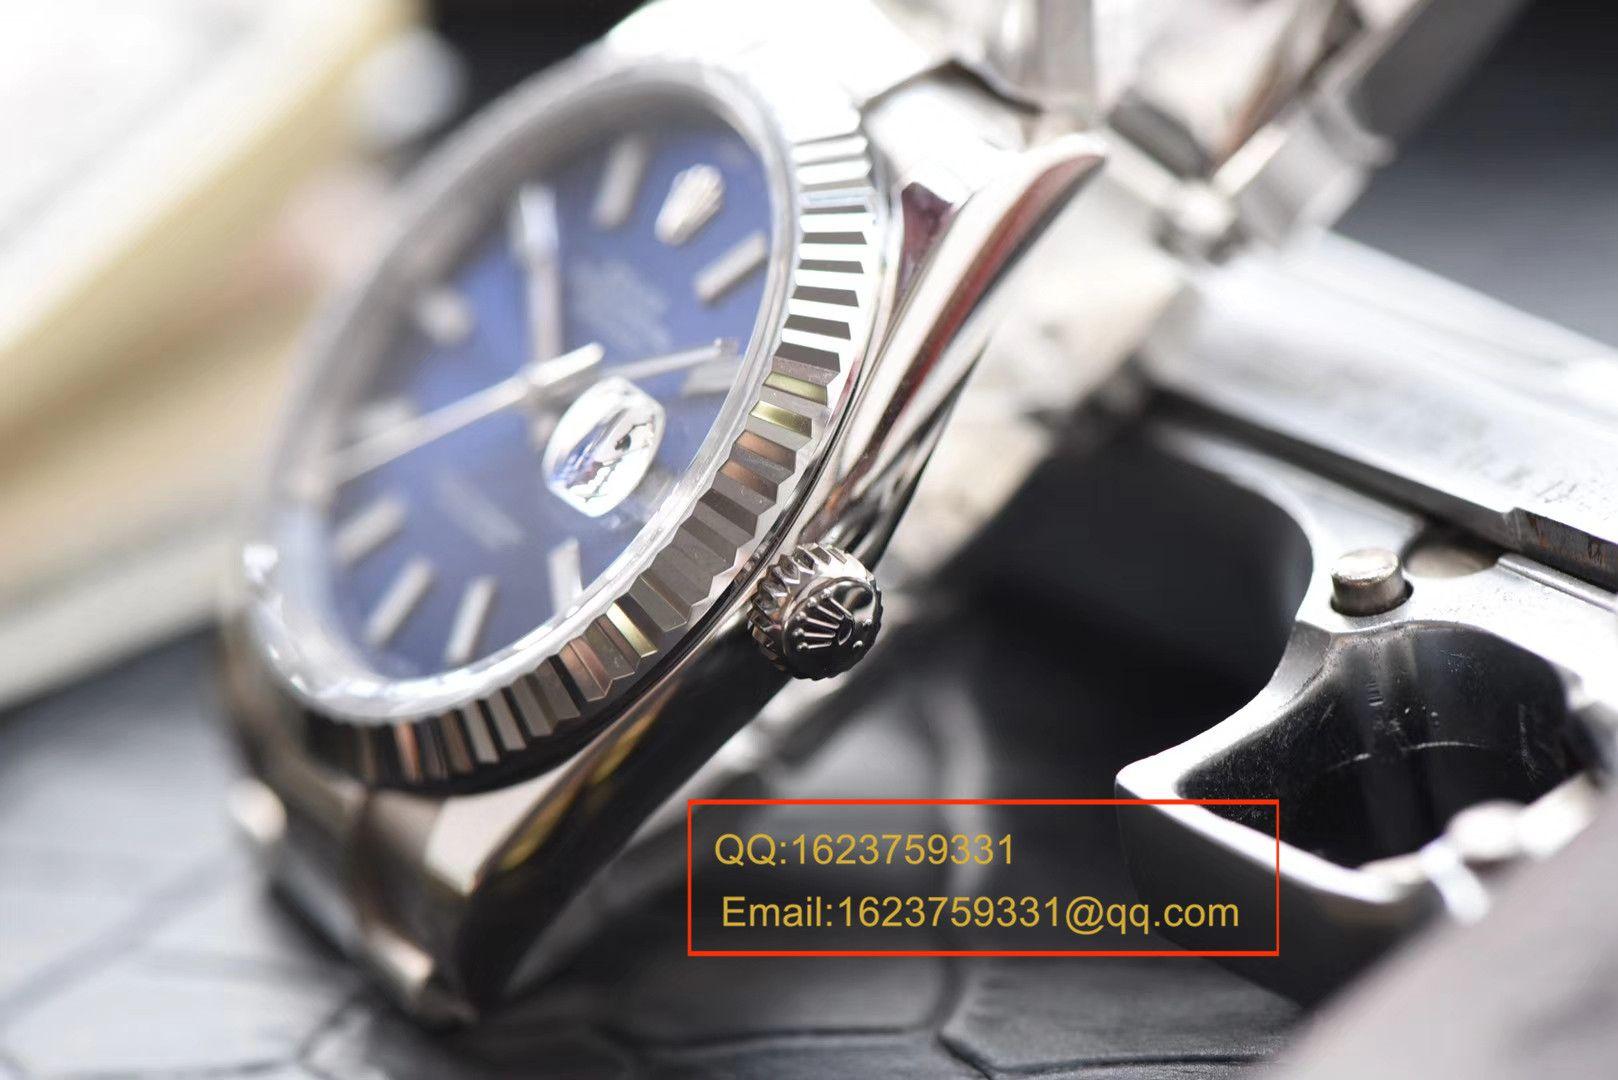 【视频评测N厂1:1顶级复刻高仿表】劳力士日志型系列116334-72210蓝盘机械腕表 / RBD095.1